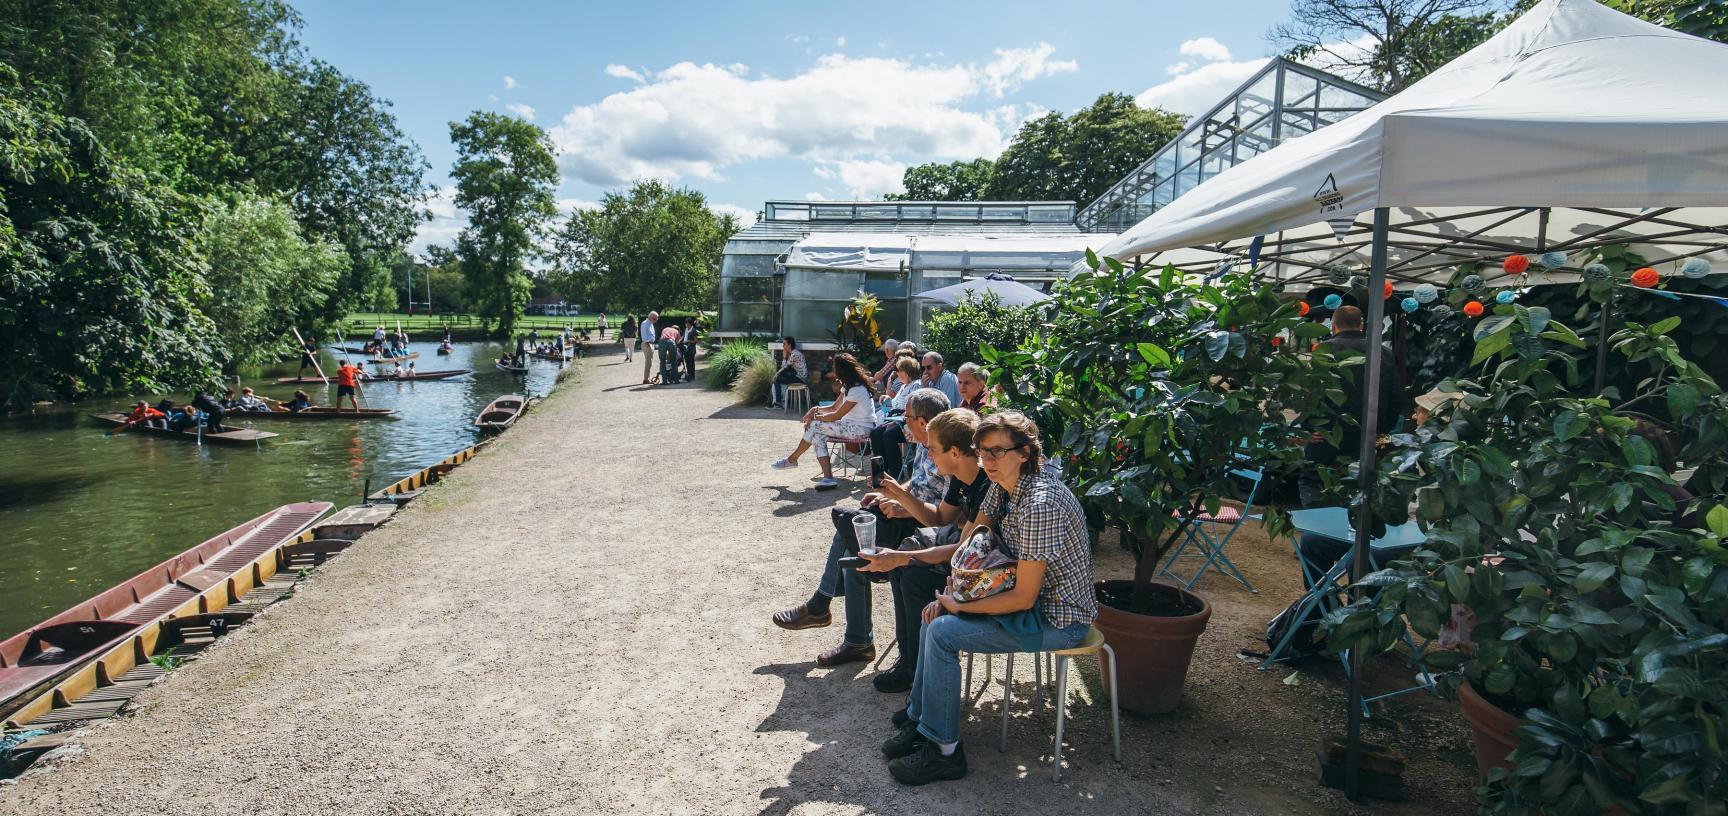 botanicgardensbyianwallman 5192